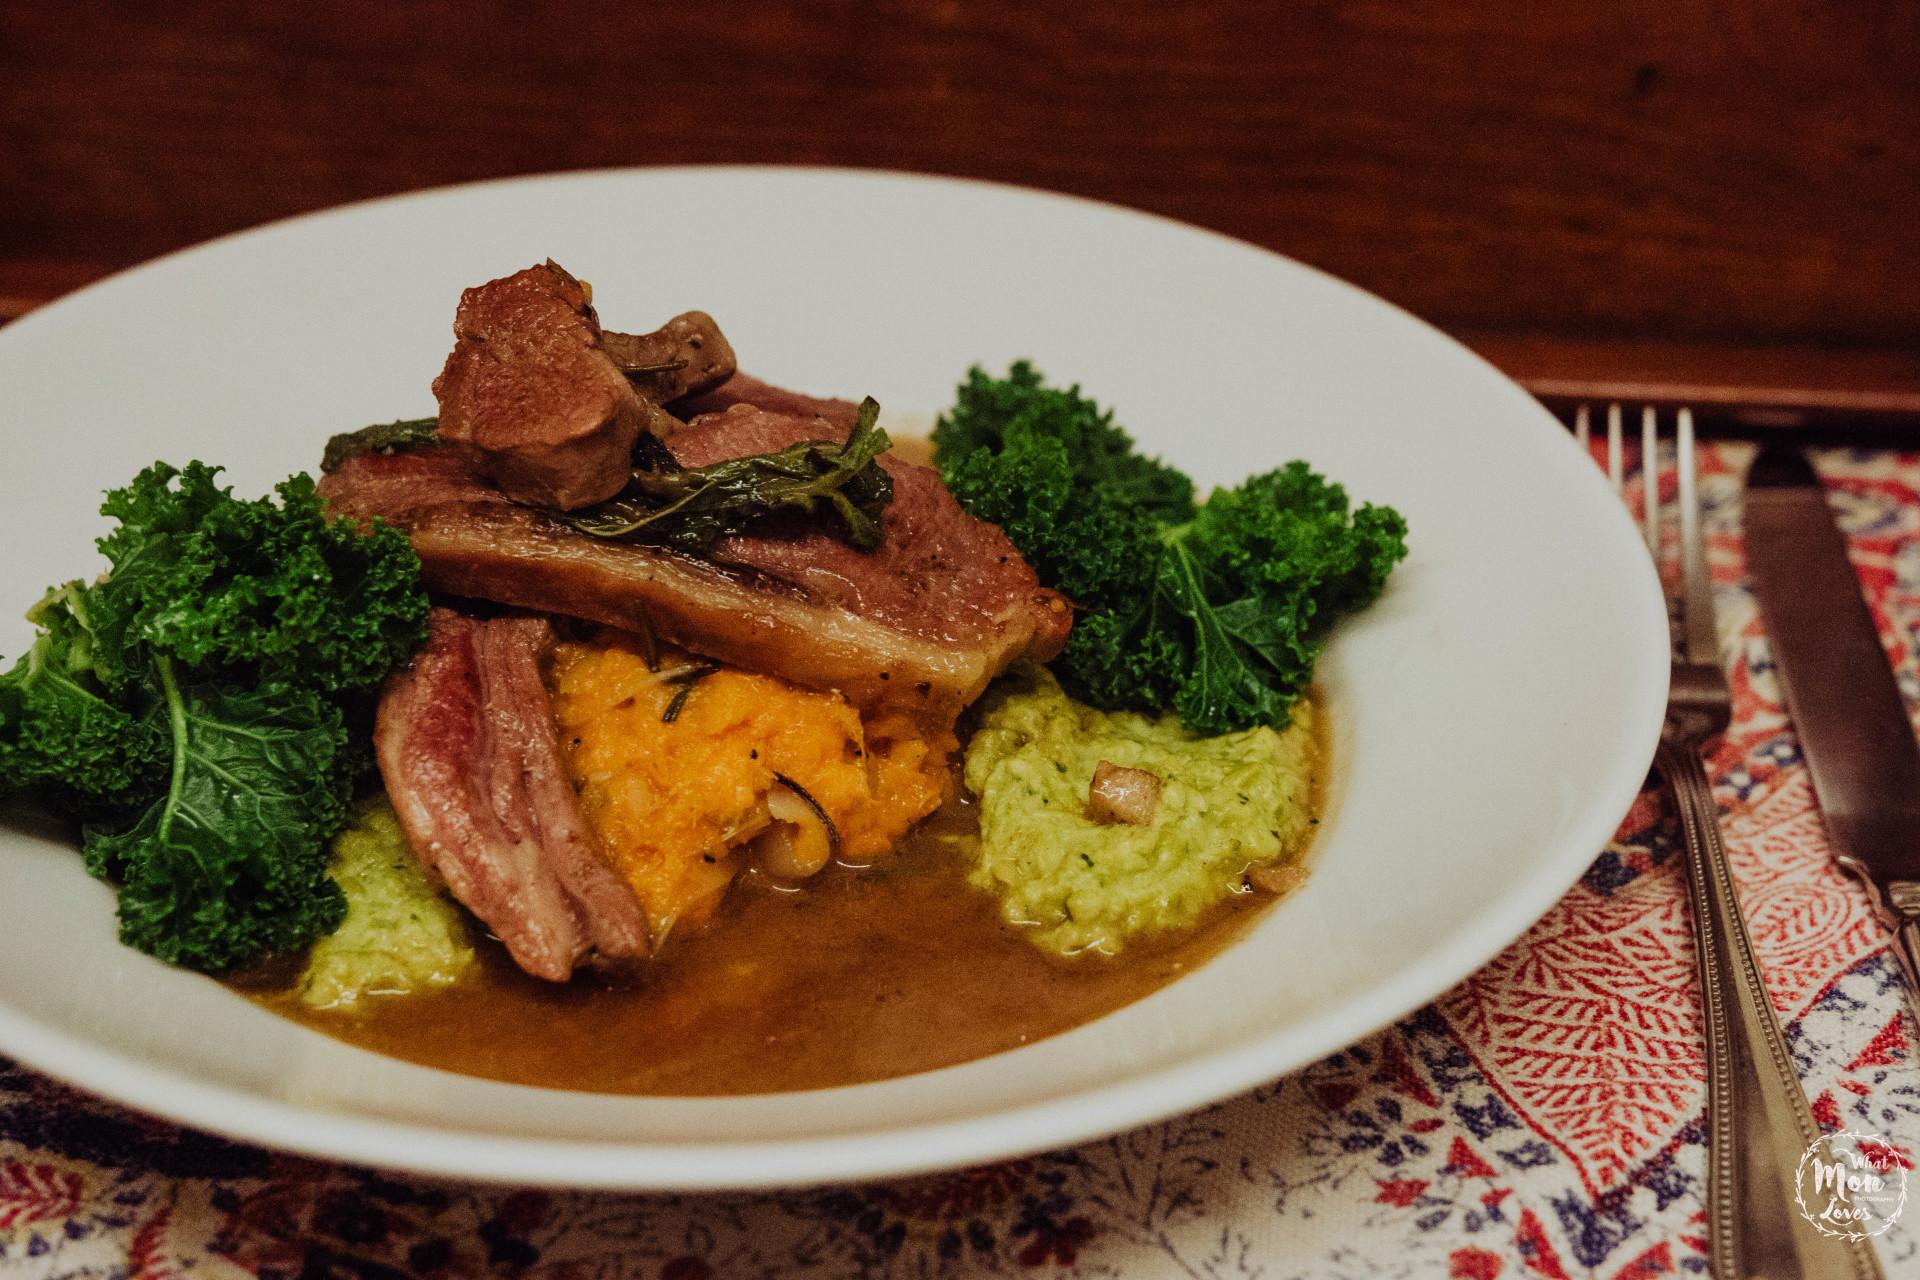 Pan cooked leg of lamb steak